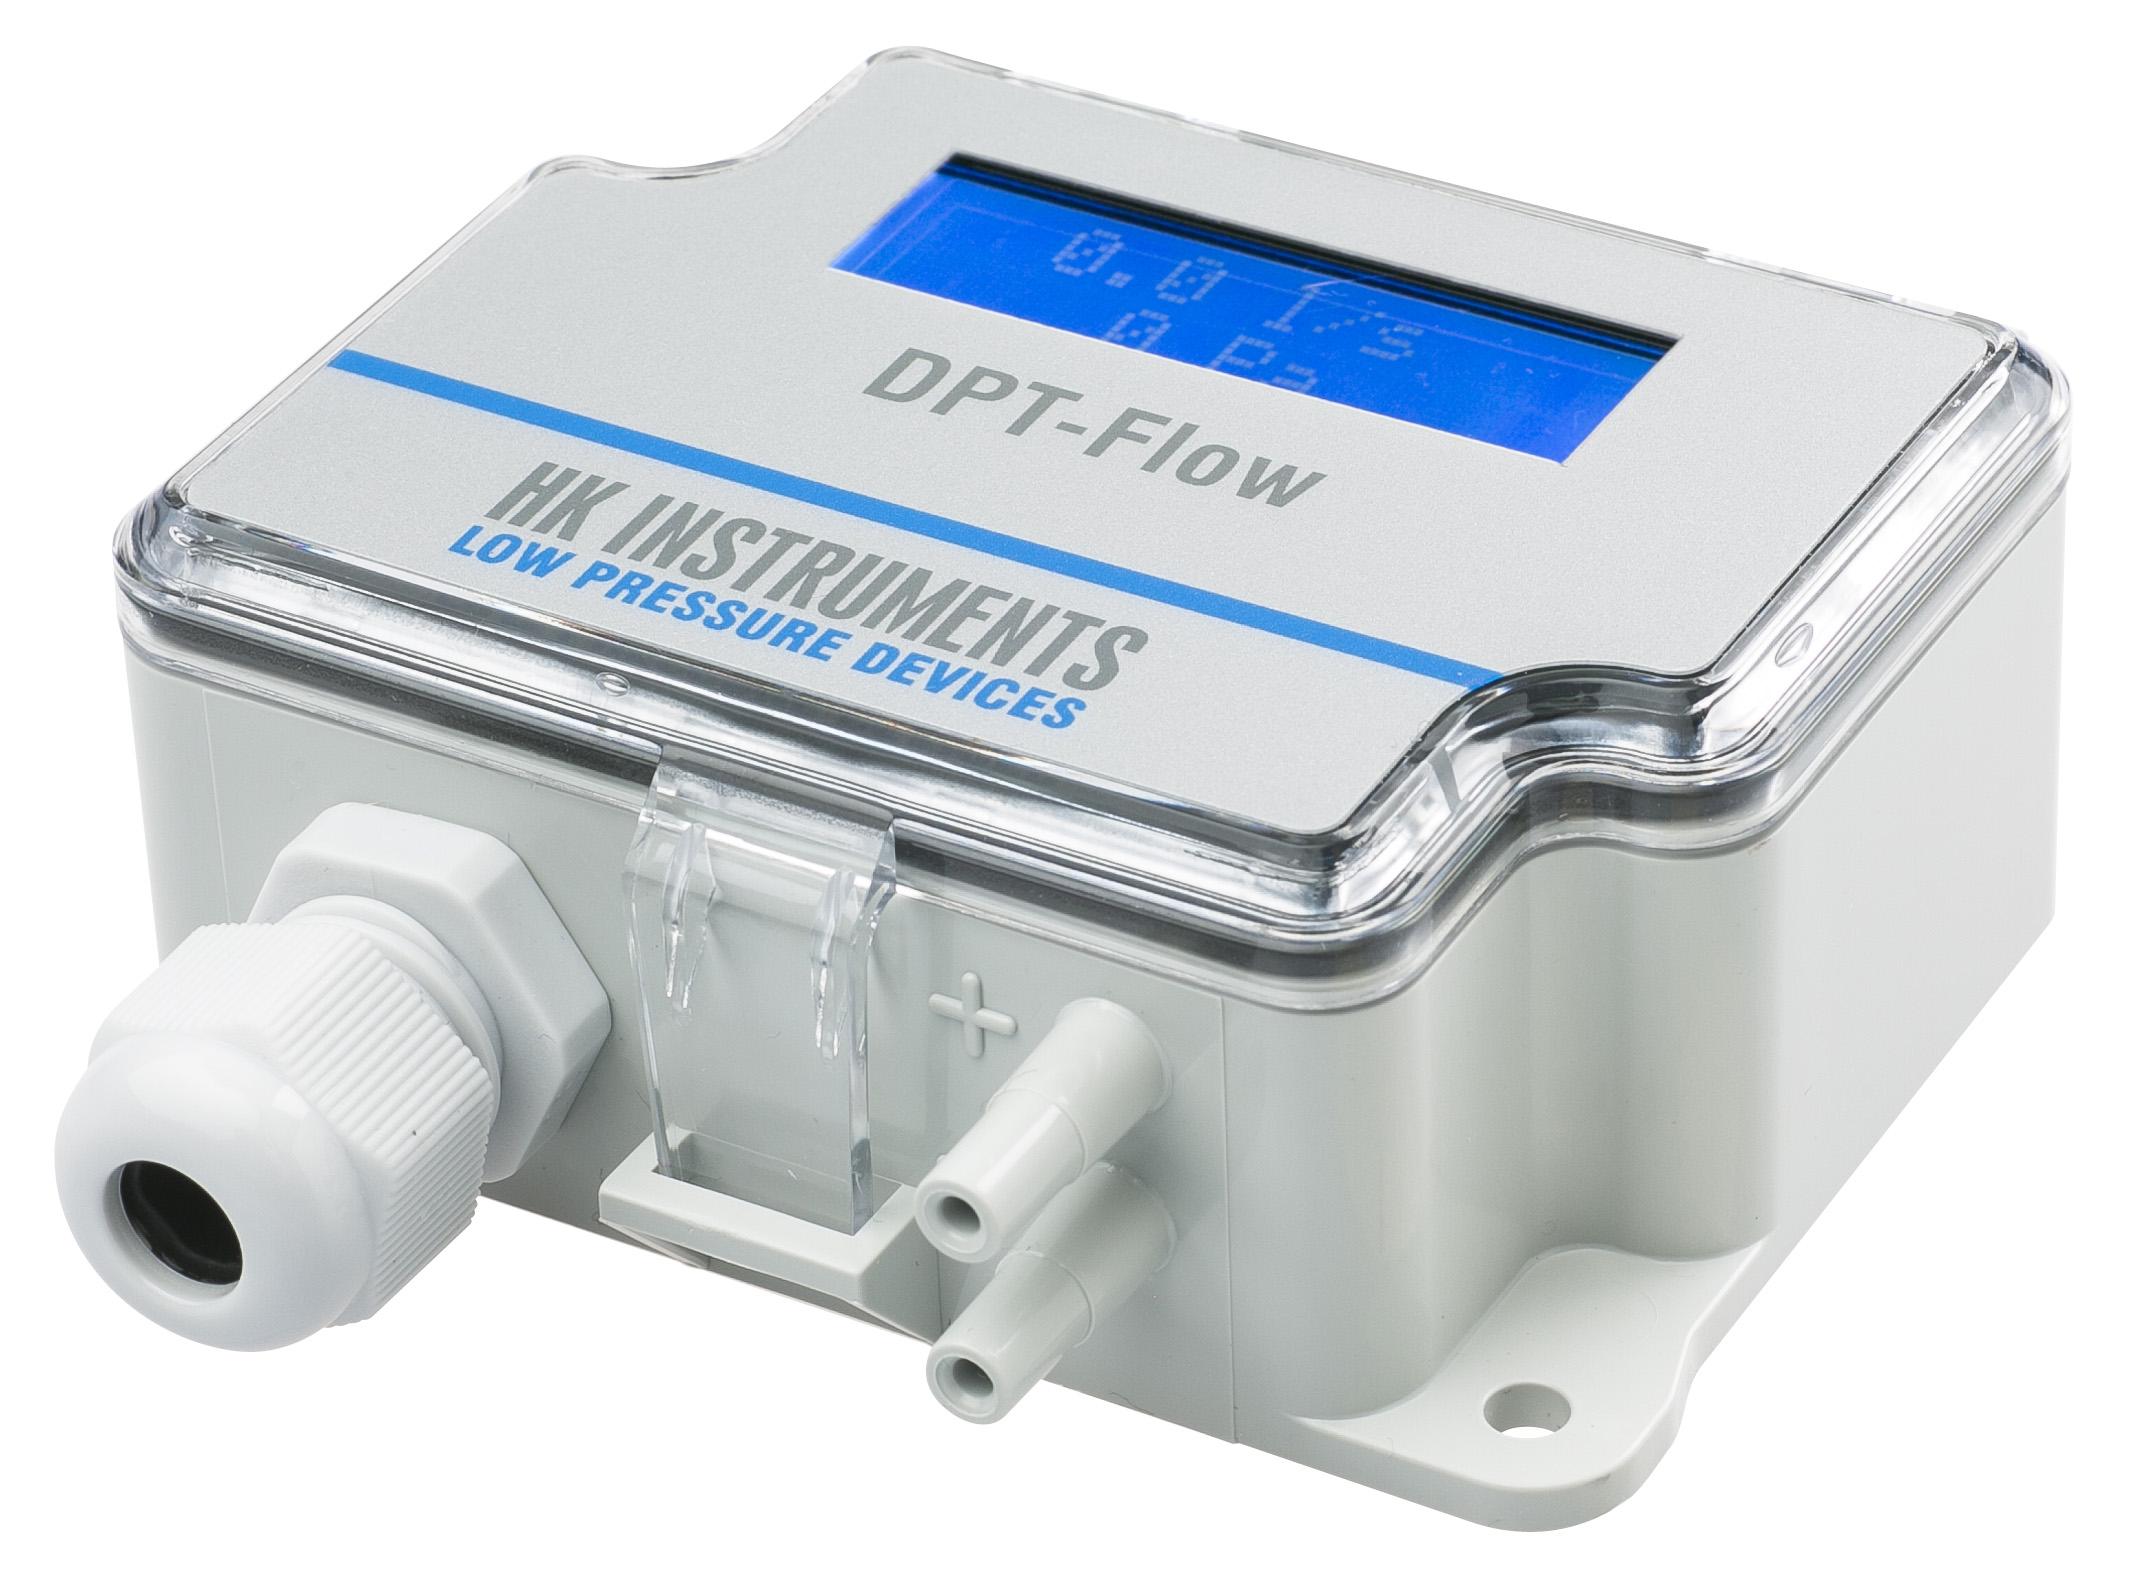 DPT_Flow_HK Instr_300dpi